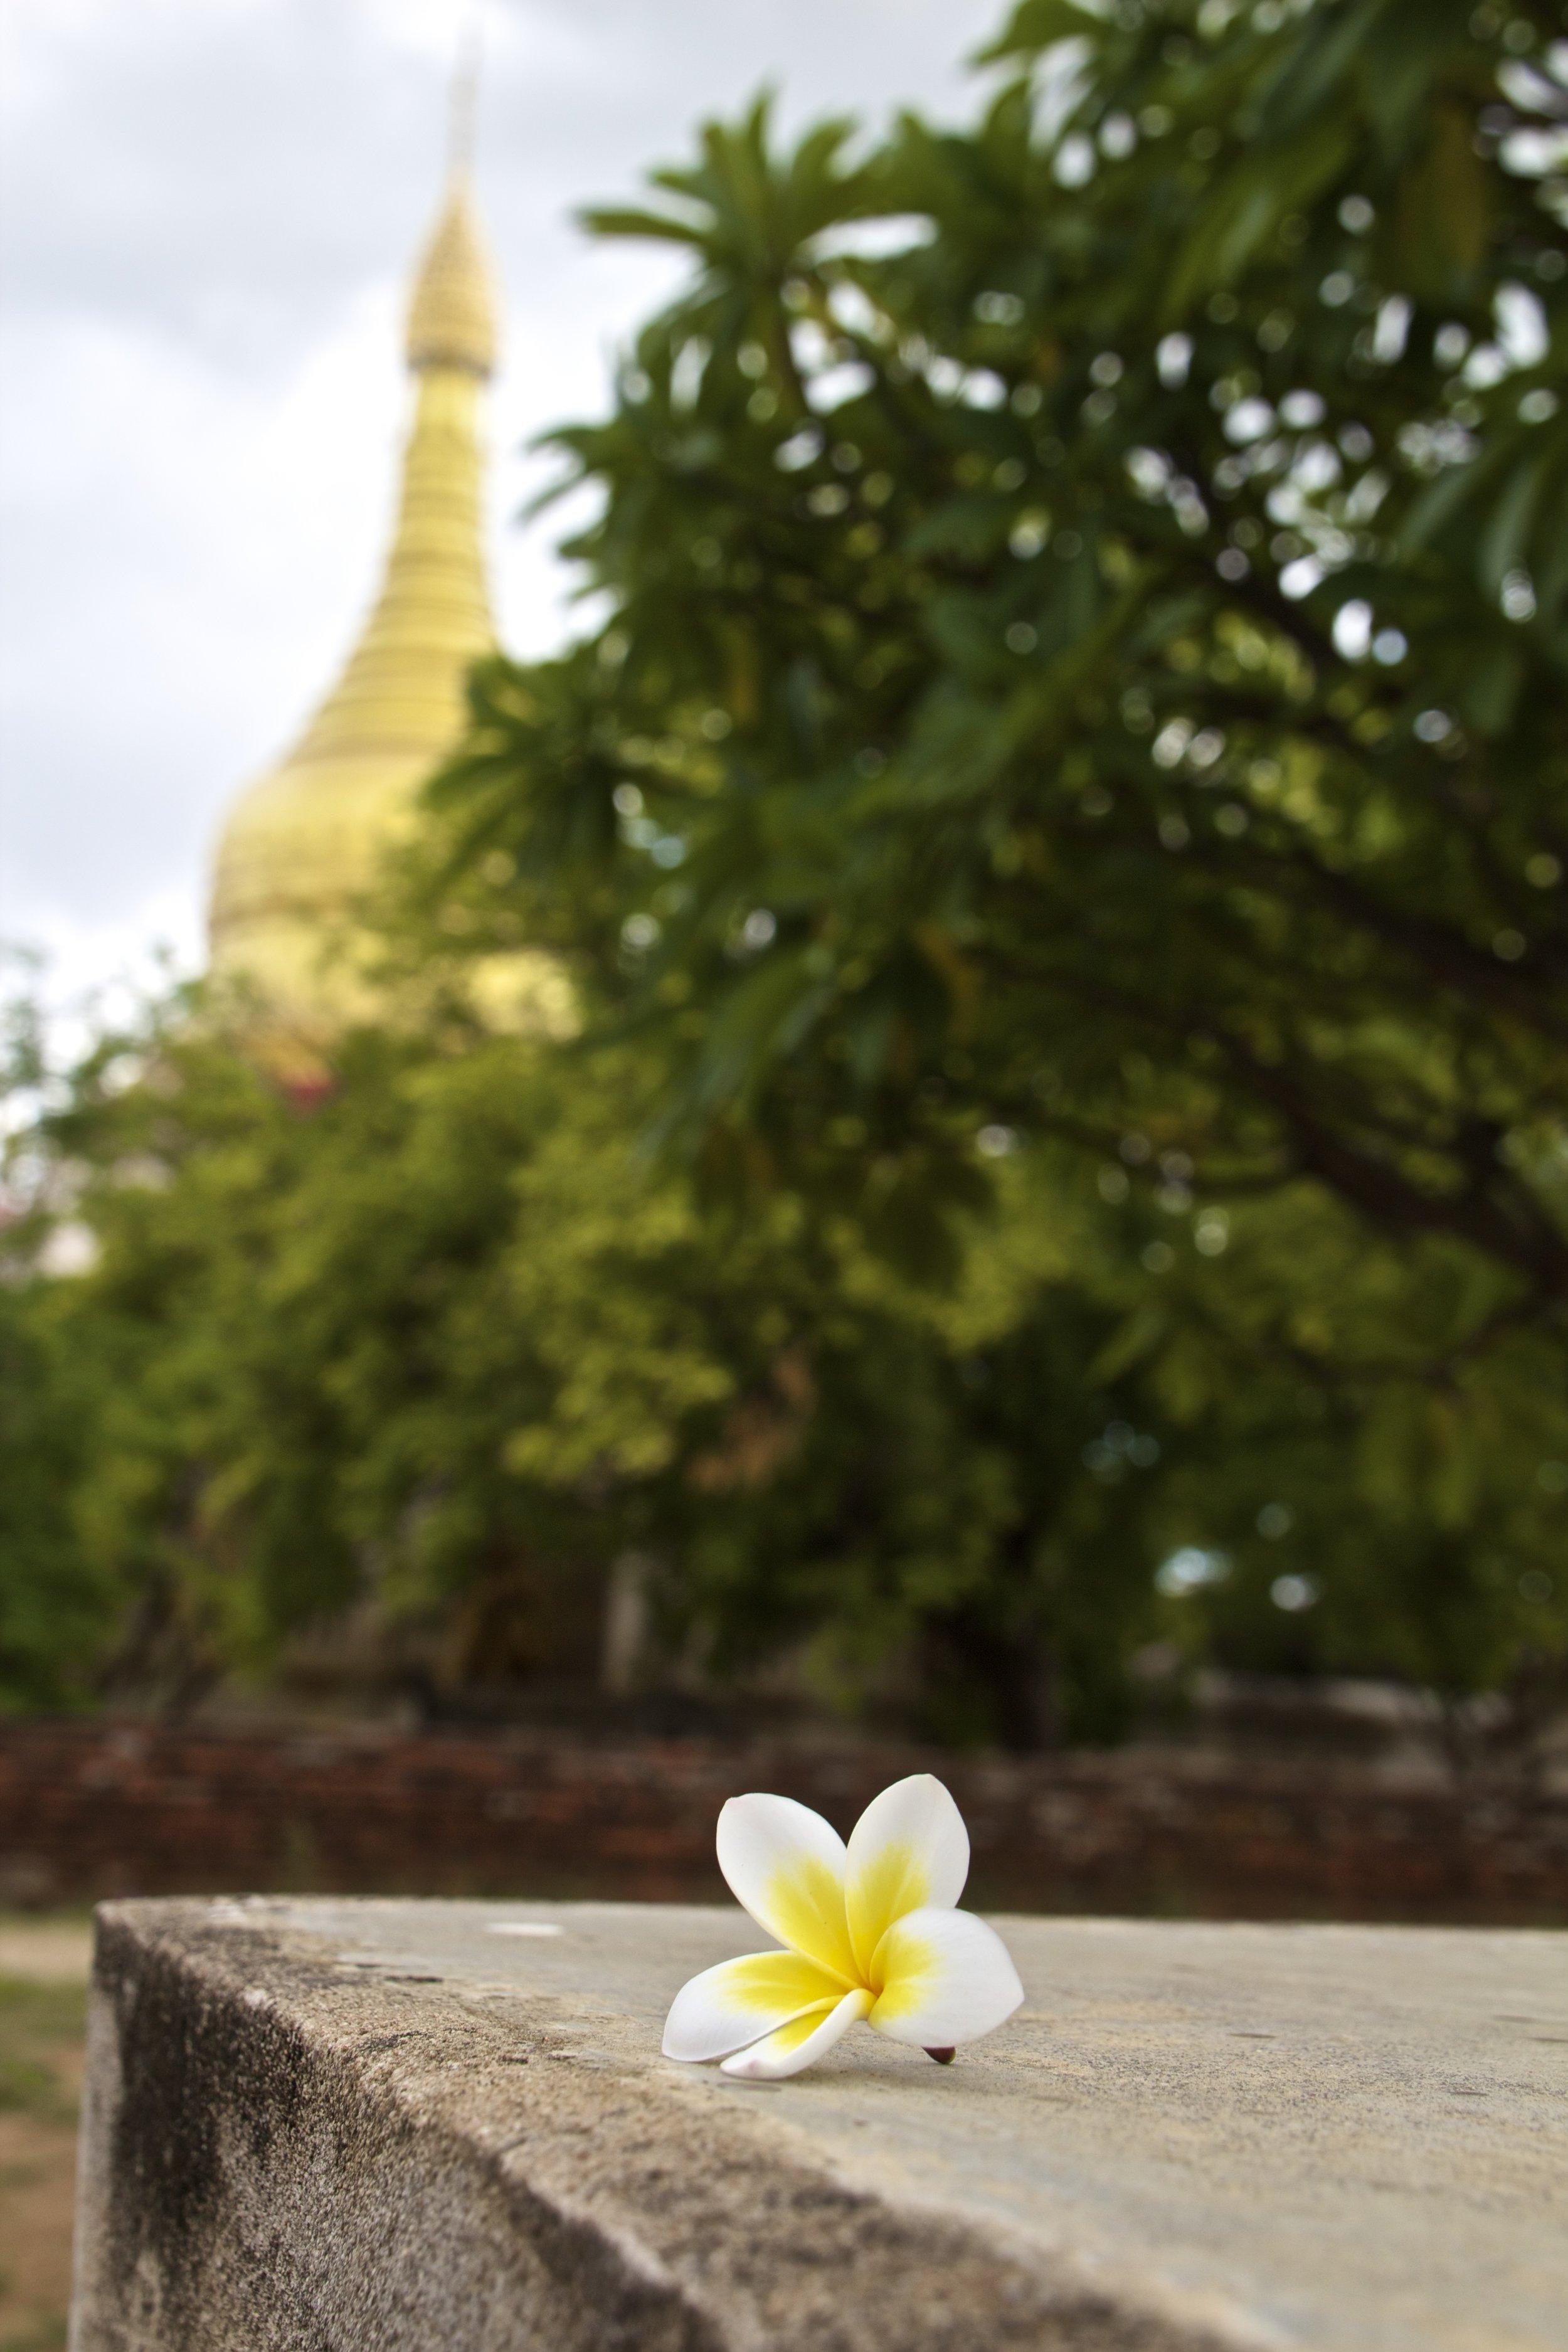 bagan burma myanmar buddhist temples 13.jpg